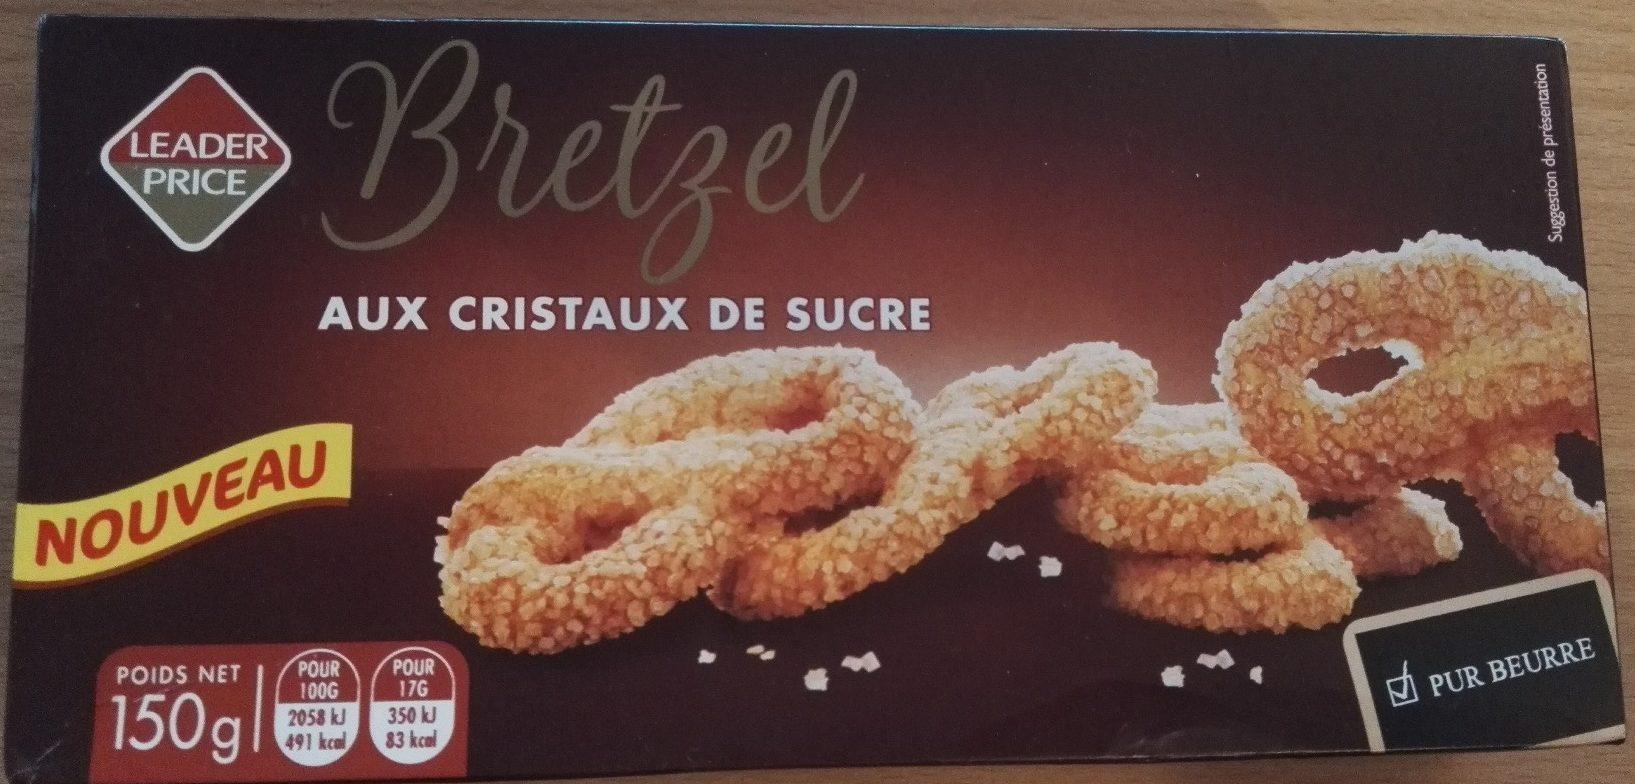 Bretzel aux cristaux de sucre - Product